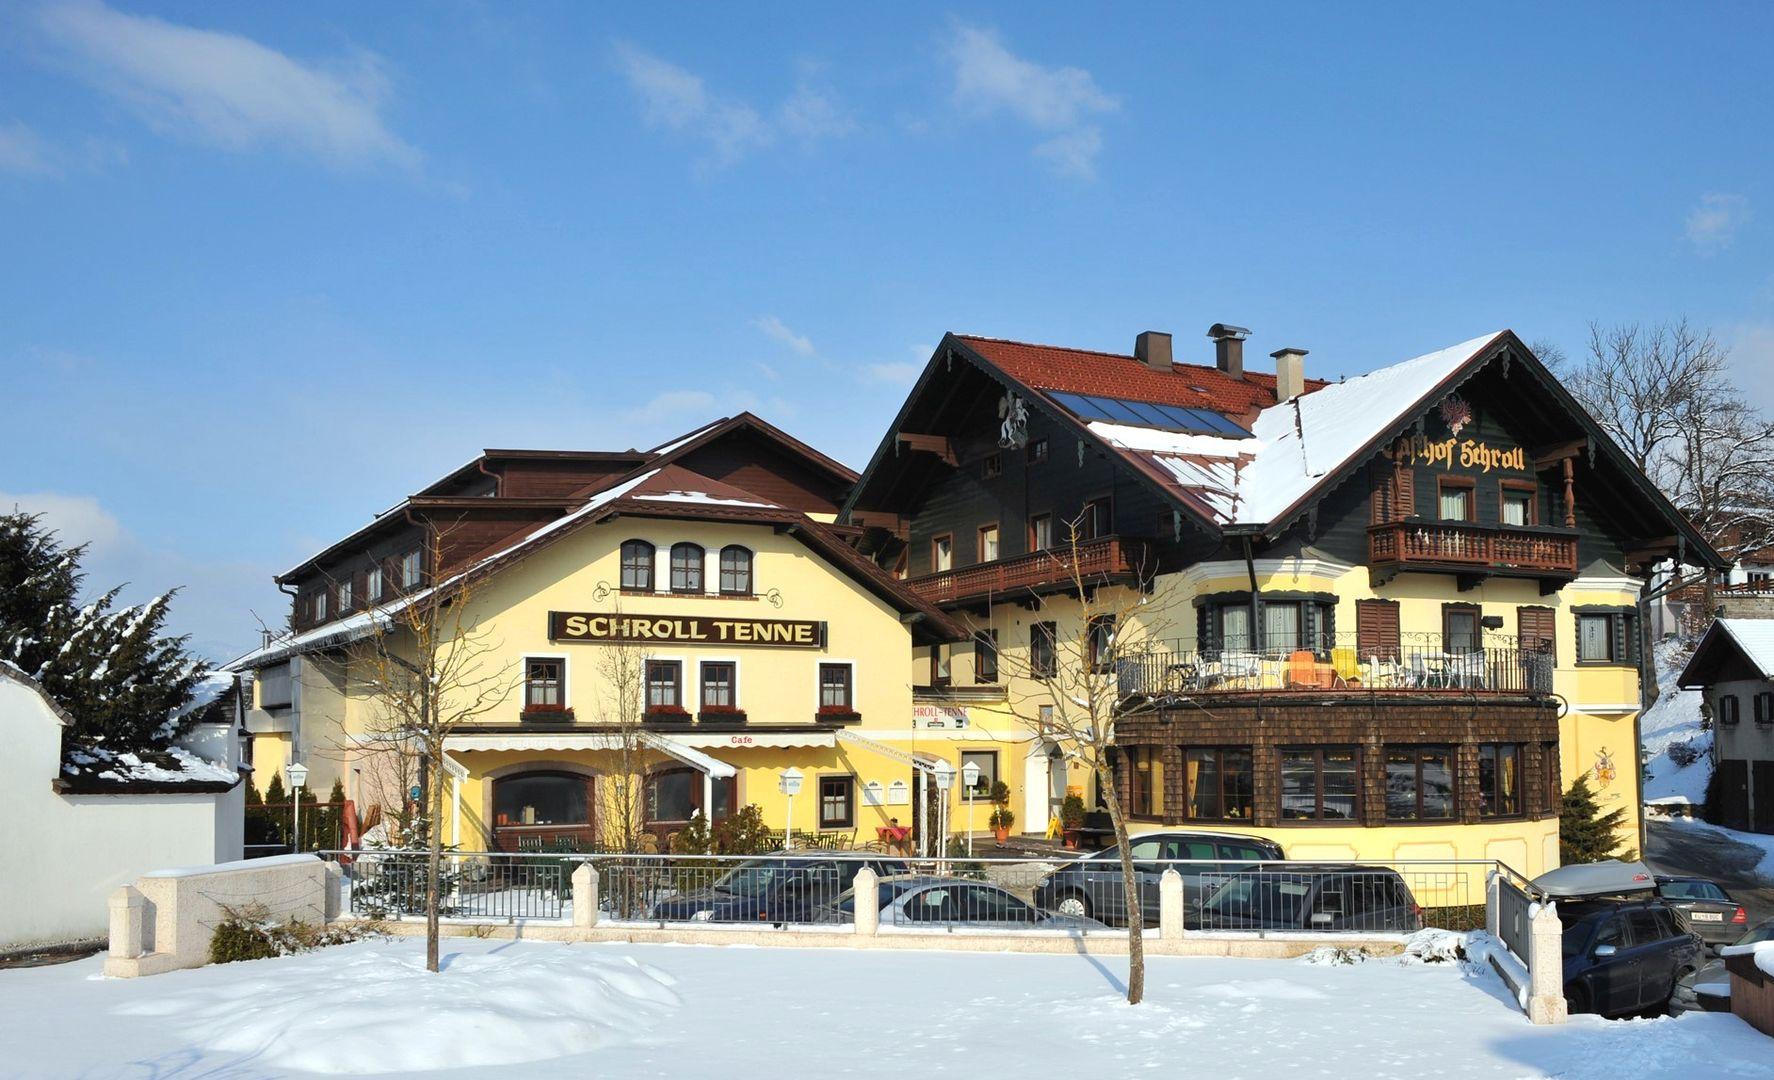 Hotel Gasthof Schroll - Slide 1